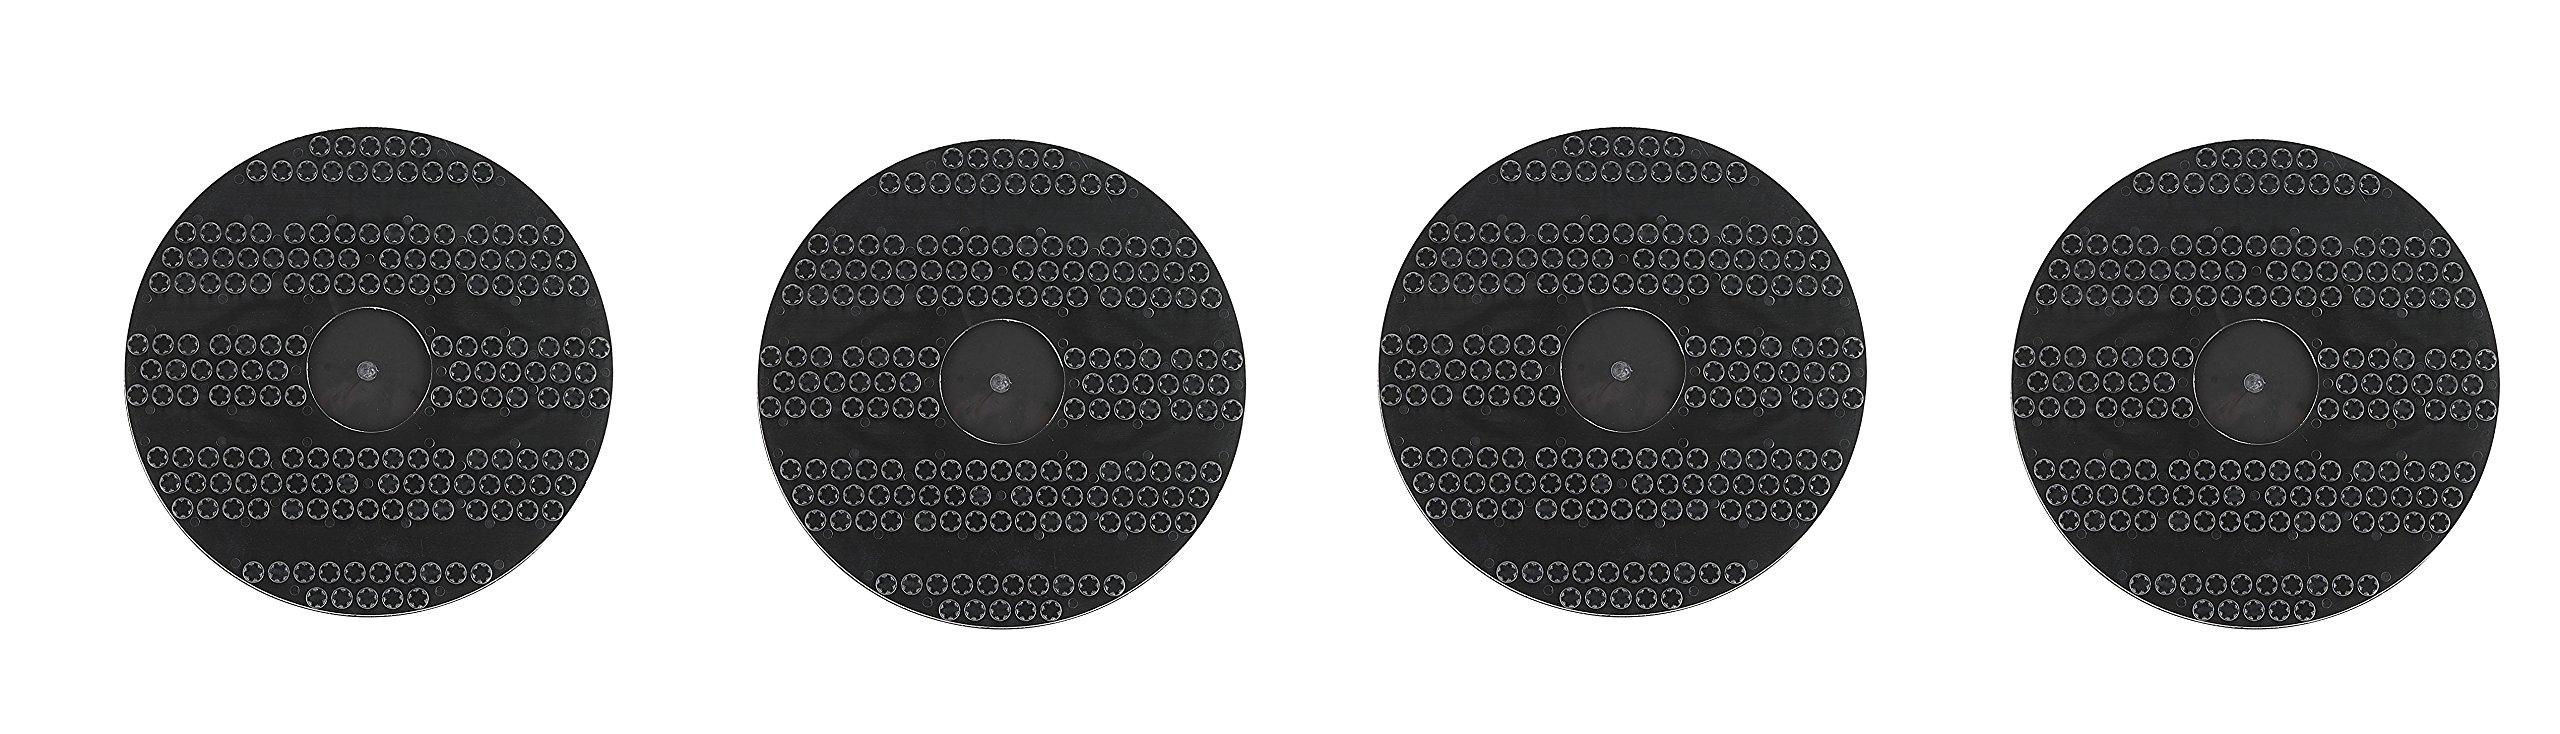 Oreck Commercial 53178-51-0327 Drive Pad Holder, 12'' Diameter, For ORB550MC Orbiter Floor Machine (Pack of 4)